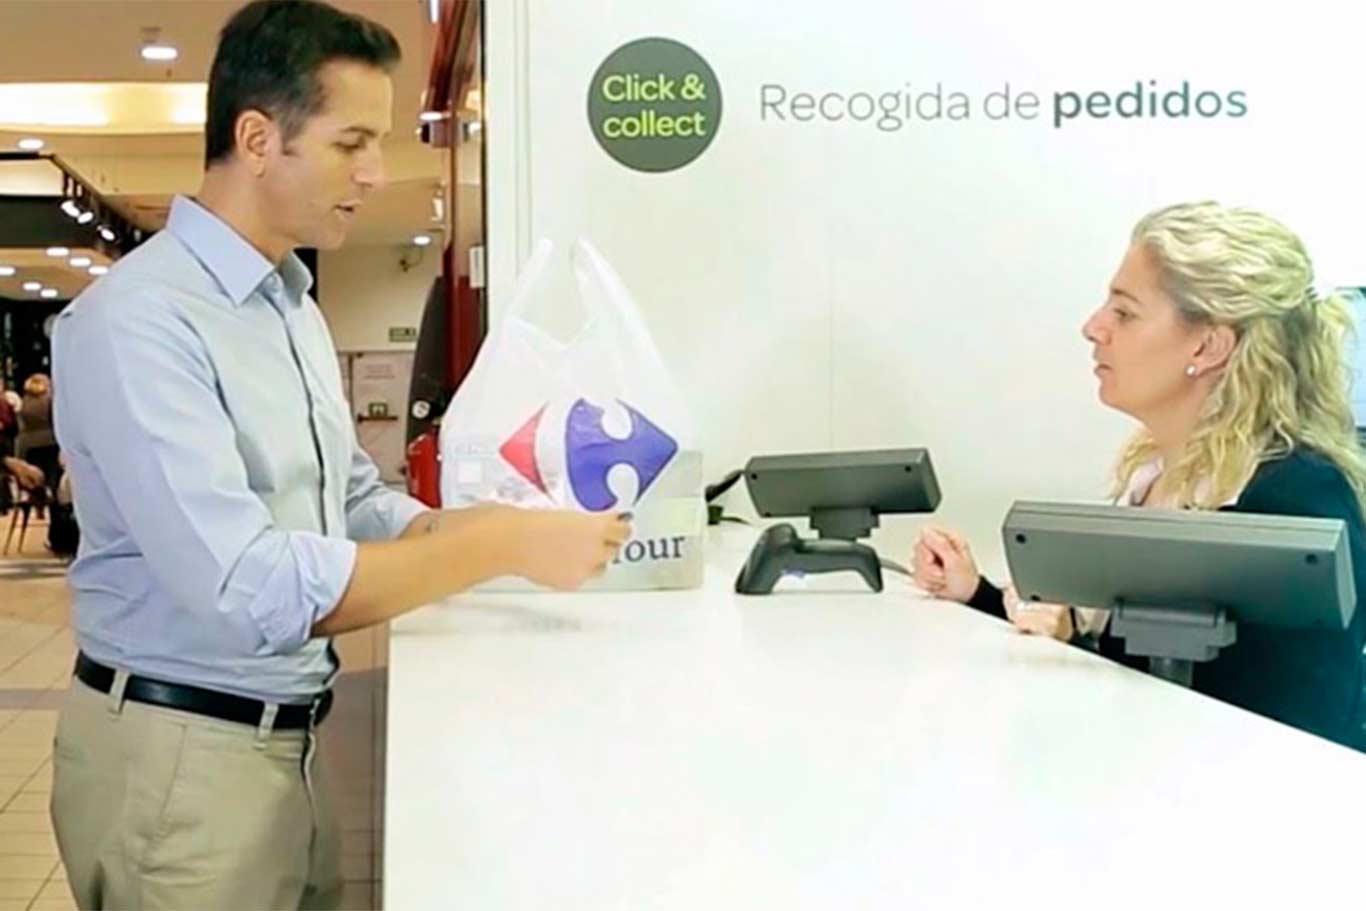 Oficina del empleador para facilitar la contrataci n de - Carrefour oficinas centrales madrid ...